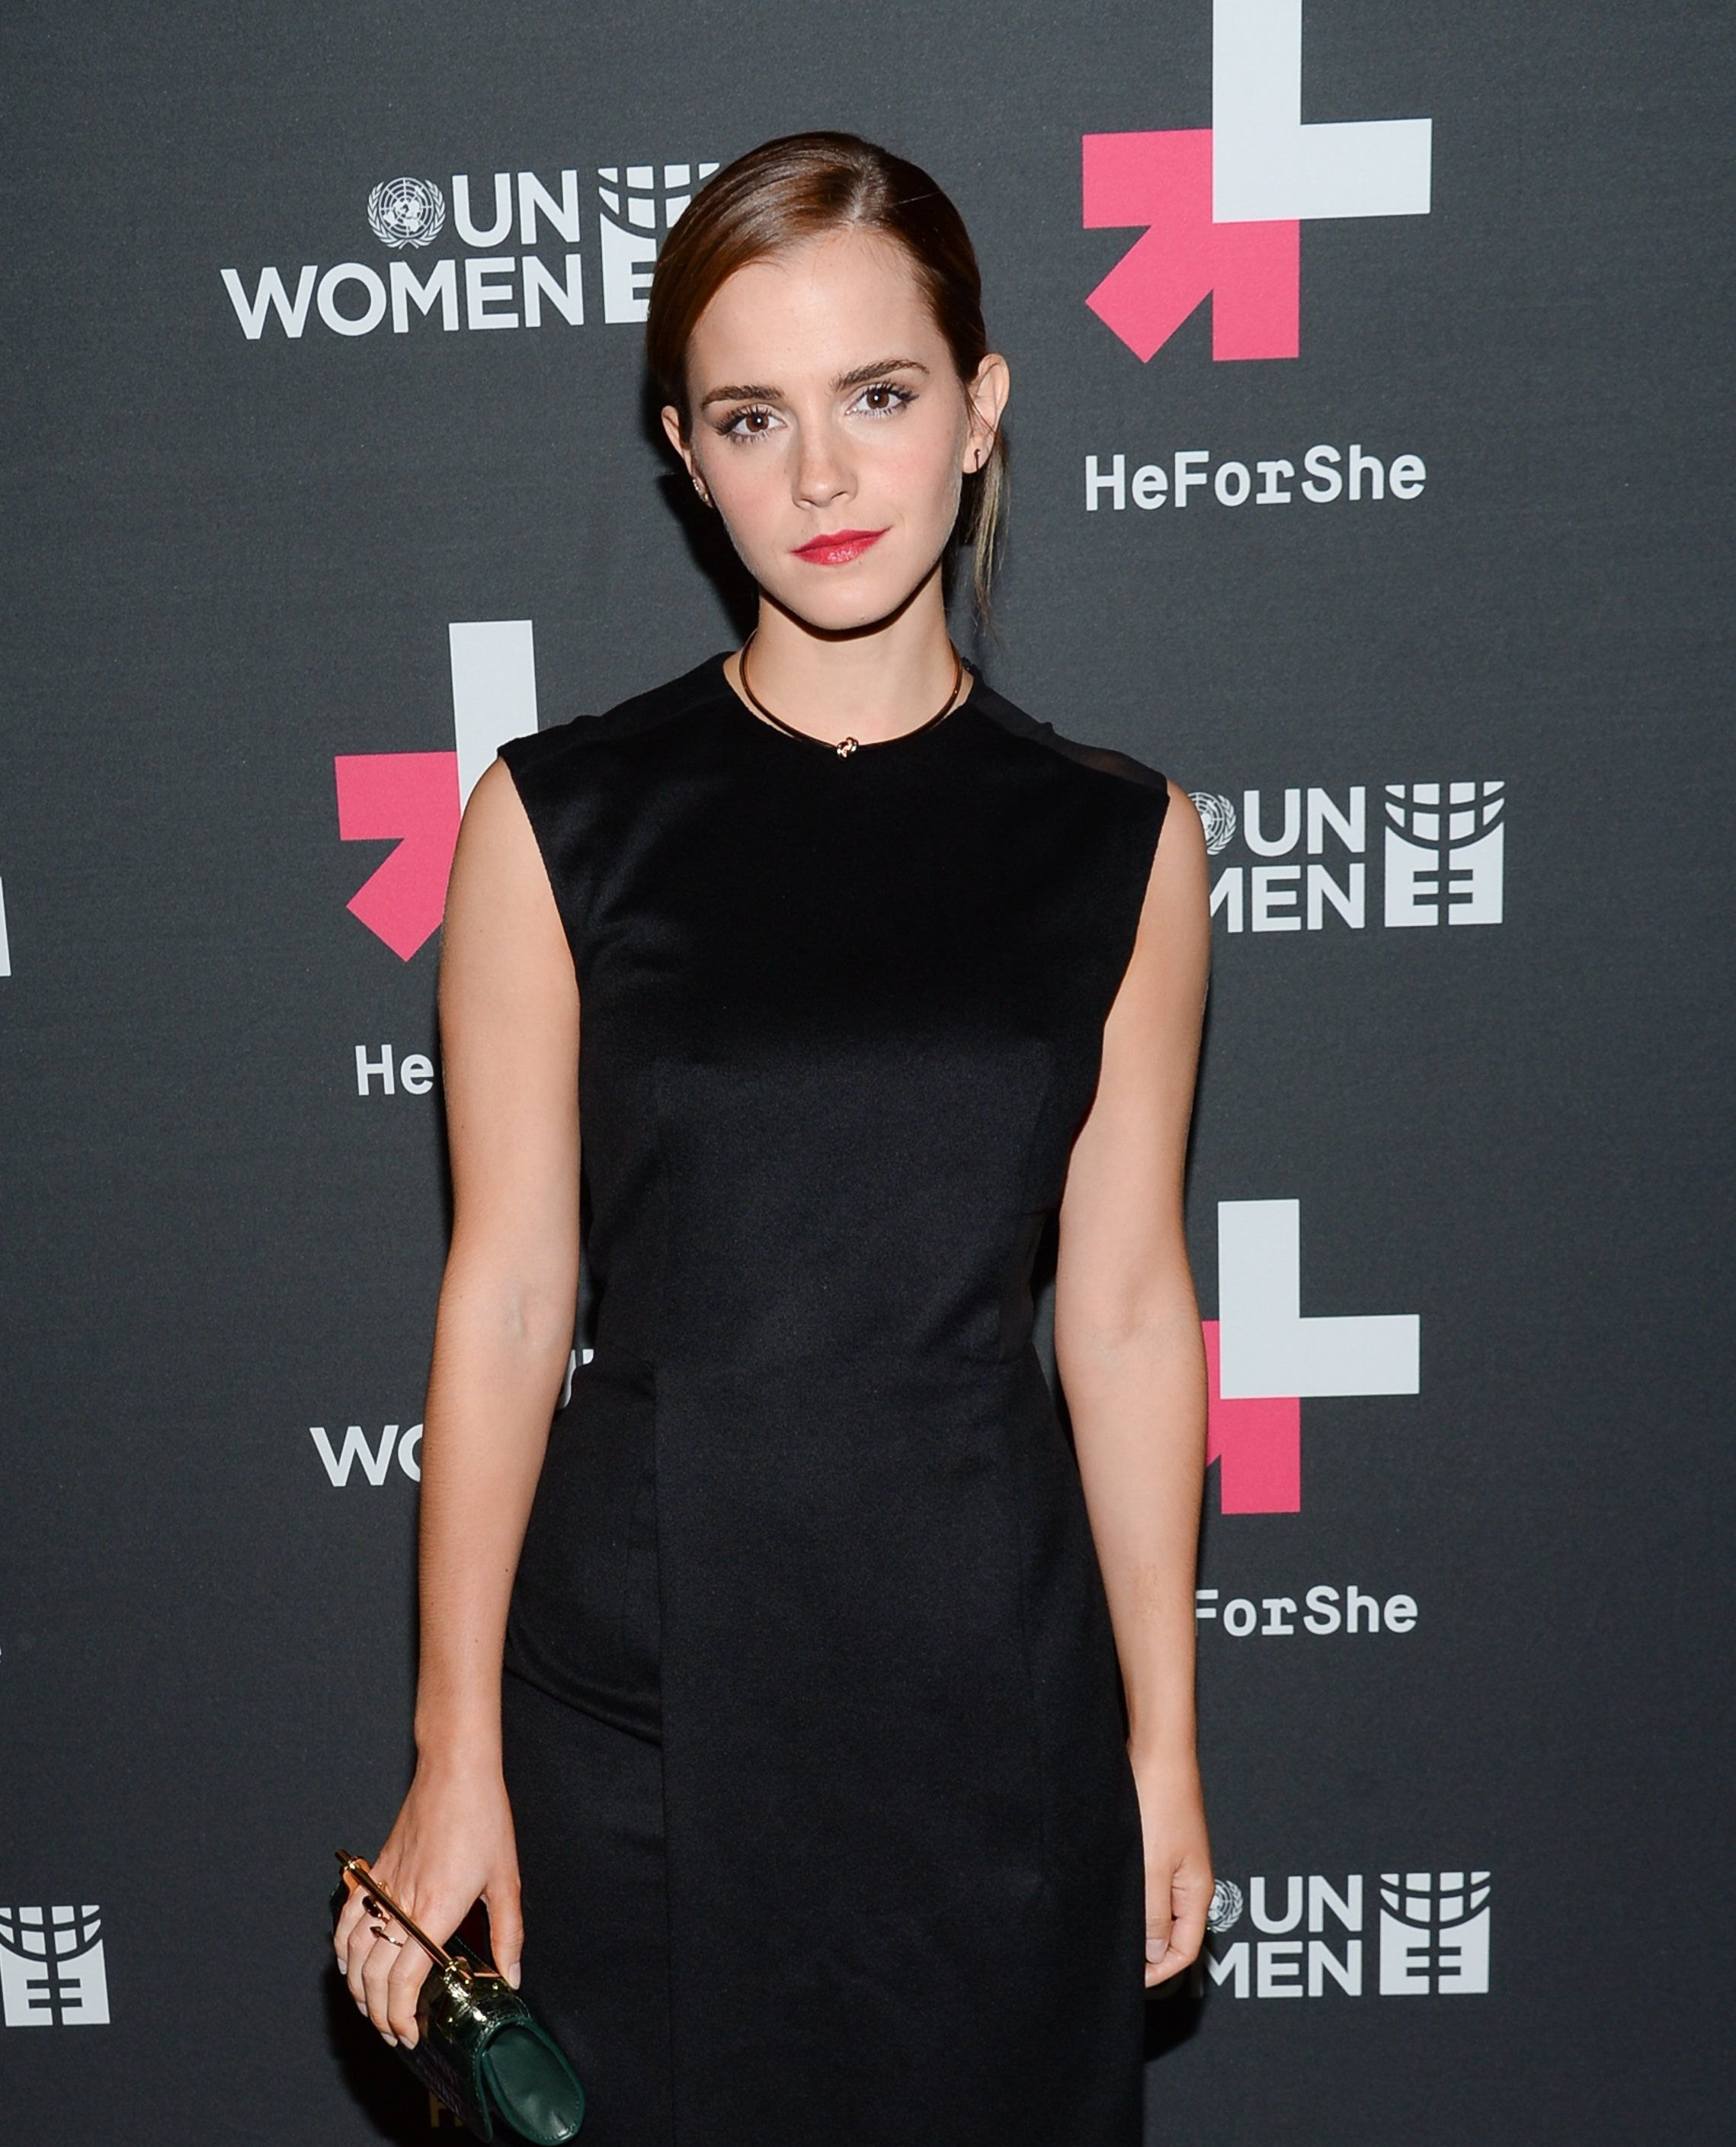 Emma Watson: Hoa hồng đẹp nhất nước Anh giờ bỗng tàn phai nhan sắc nhanh chóng - Ảnh 12.